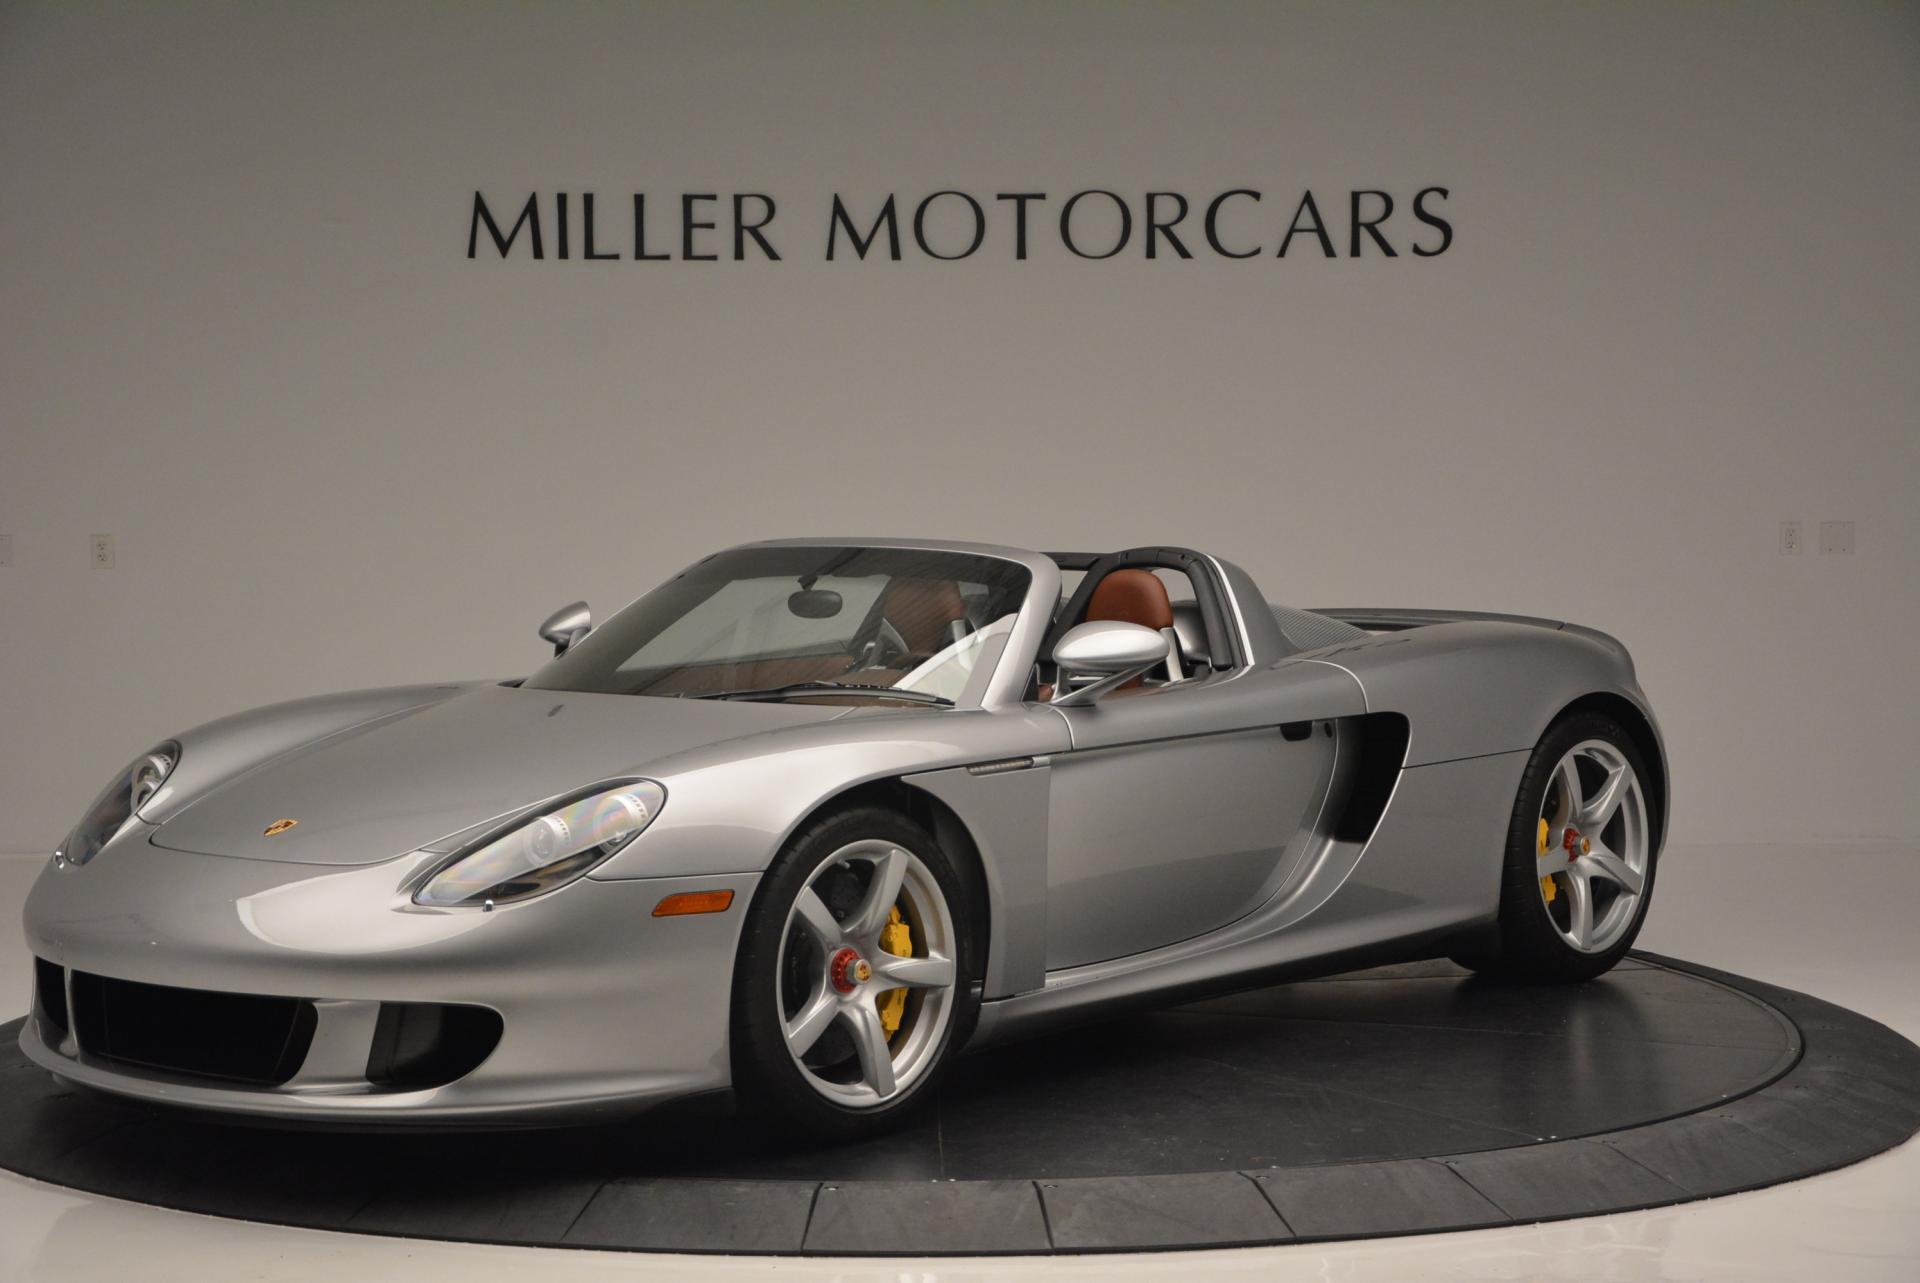 Used 2005 Porsche Carrera GT  For Sale In Greenwich, CT. Alfa Romeo of Greenwich, 7114 108_p3